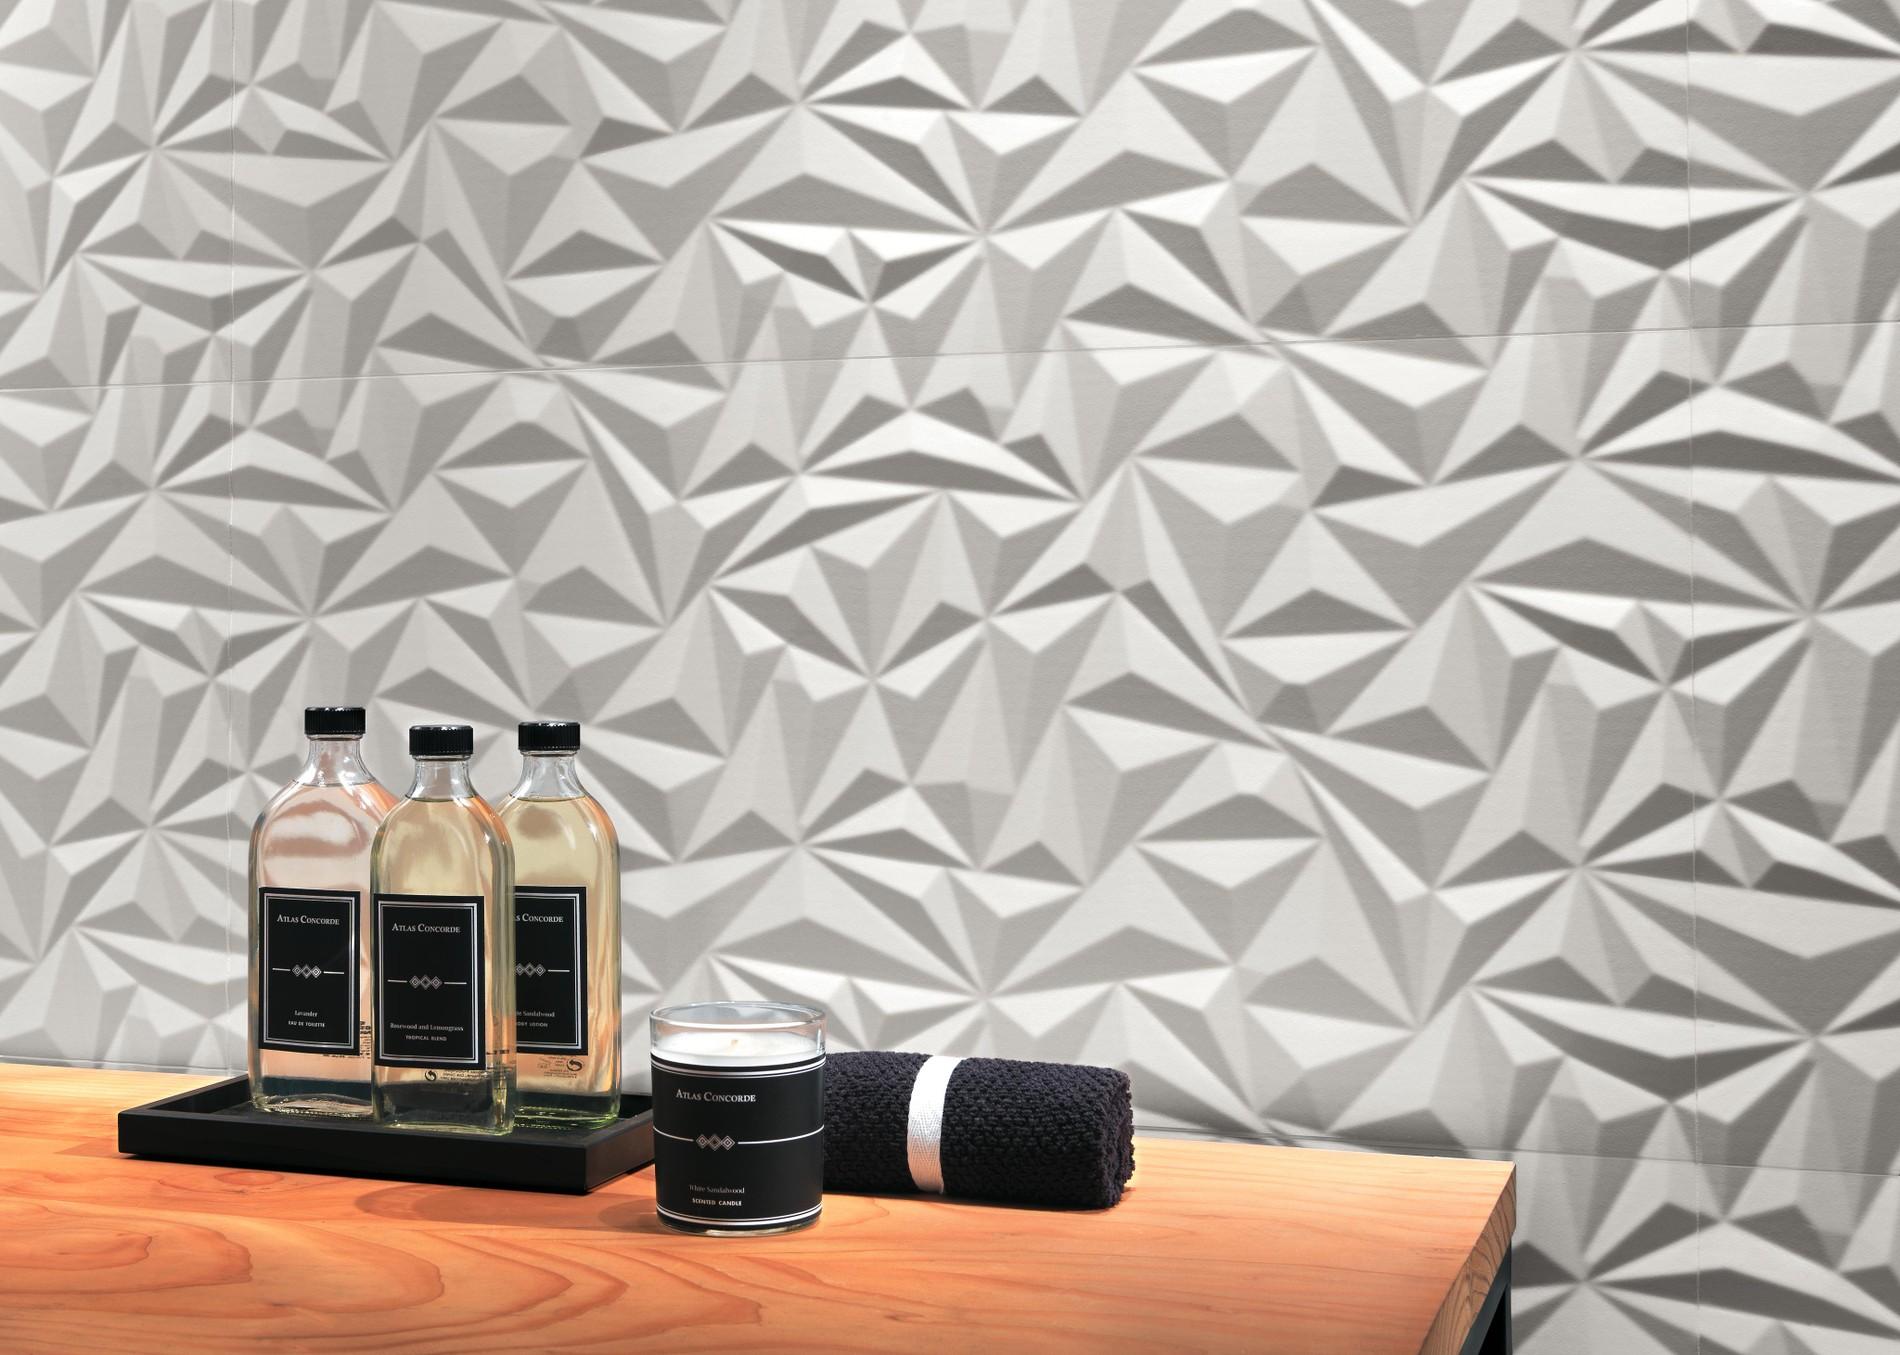 3D wall design